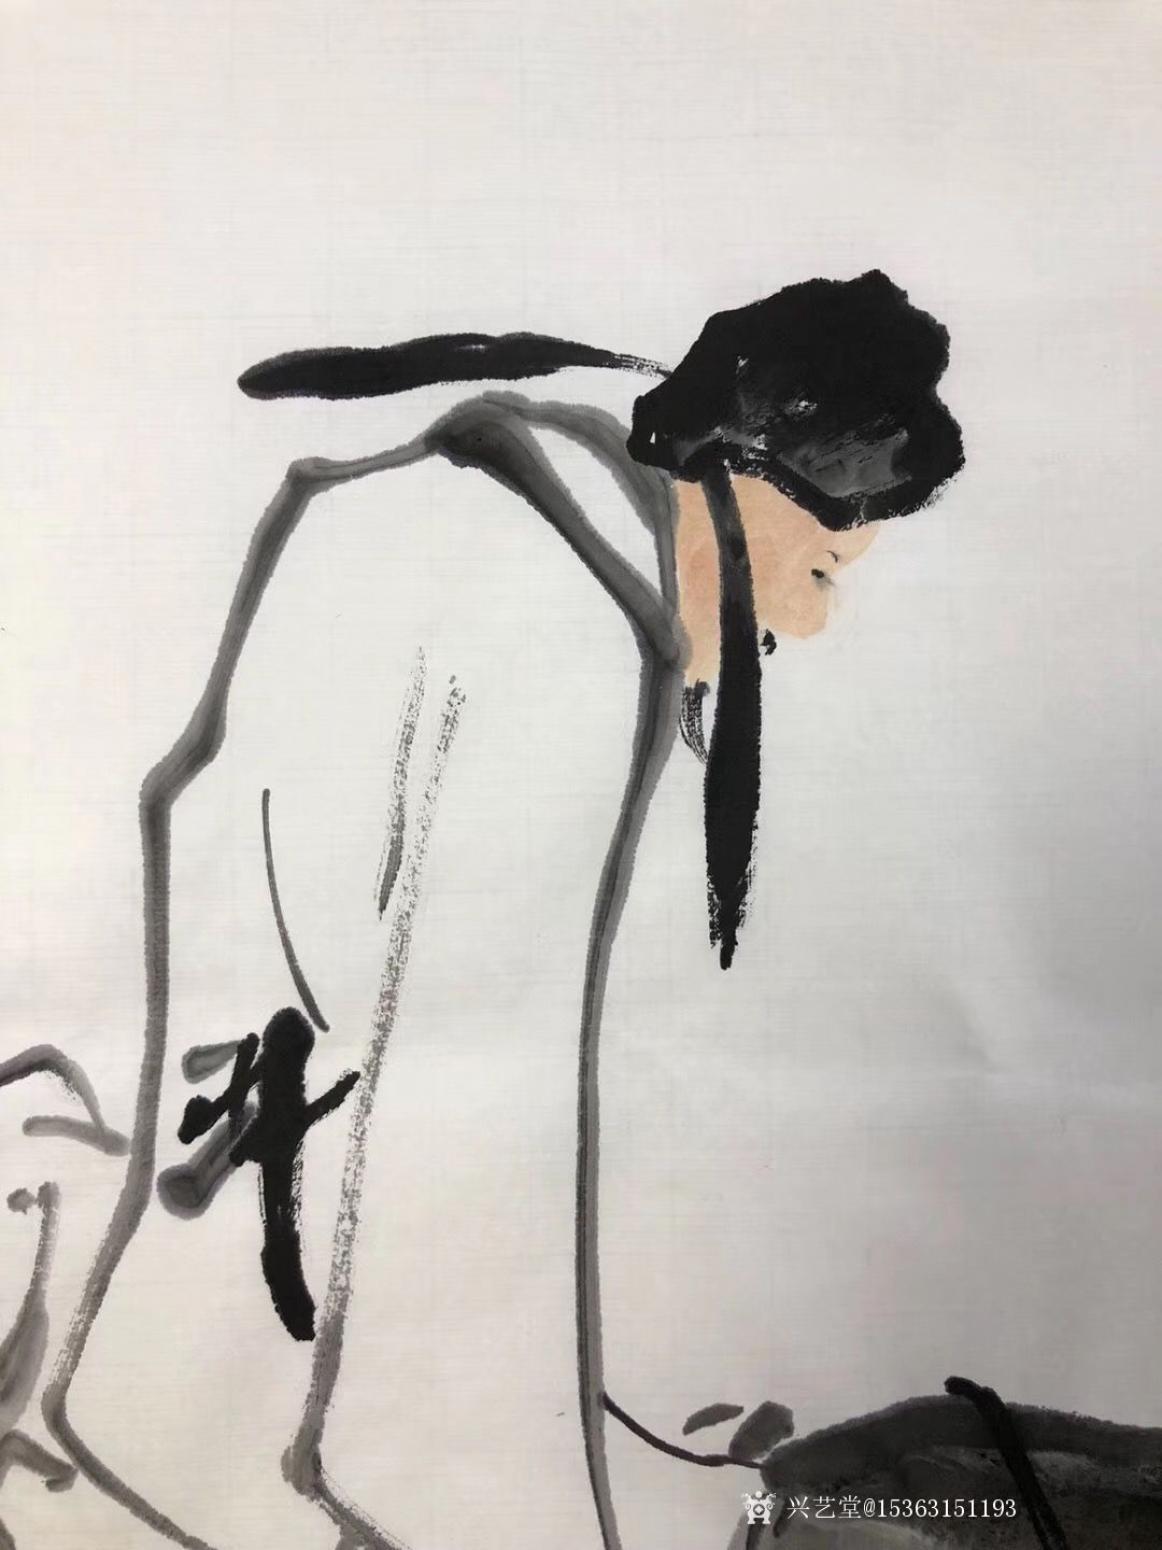 15363151193国画作品《李太白醉酒图》【图6】